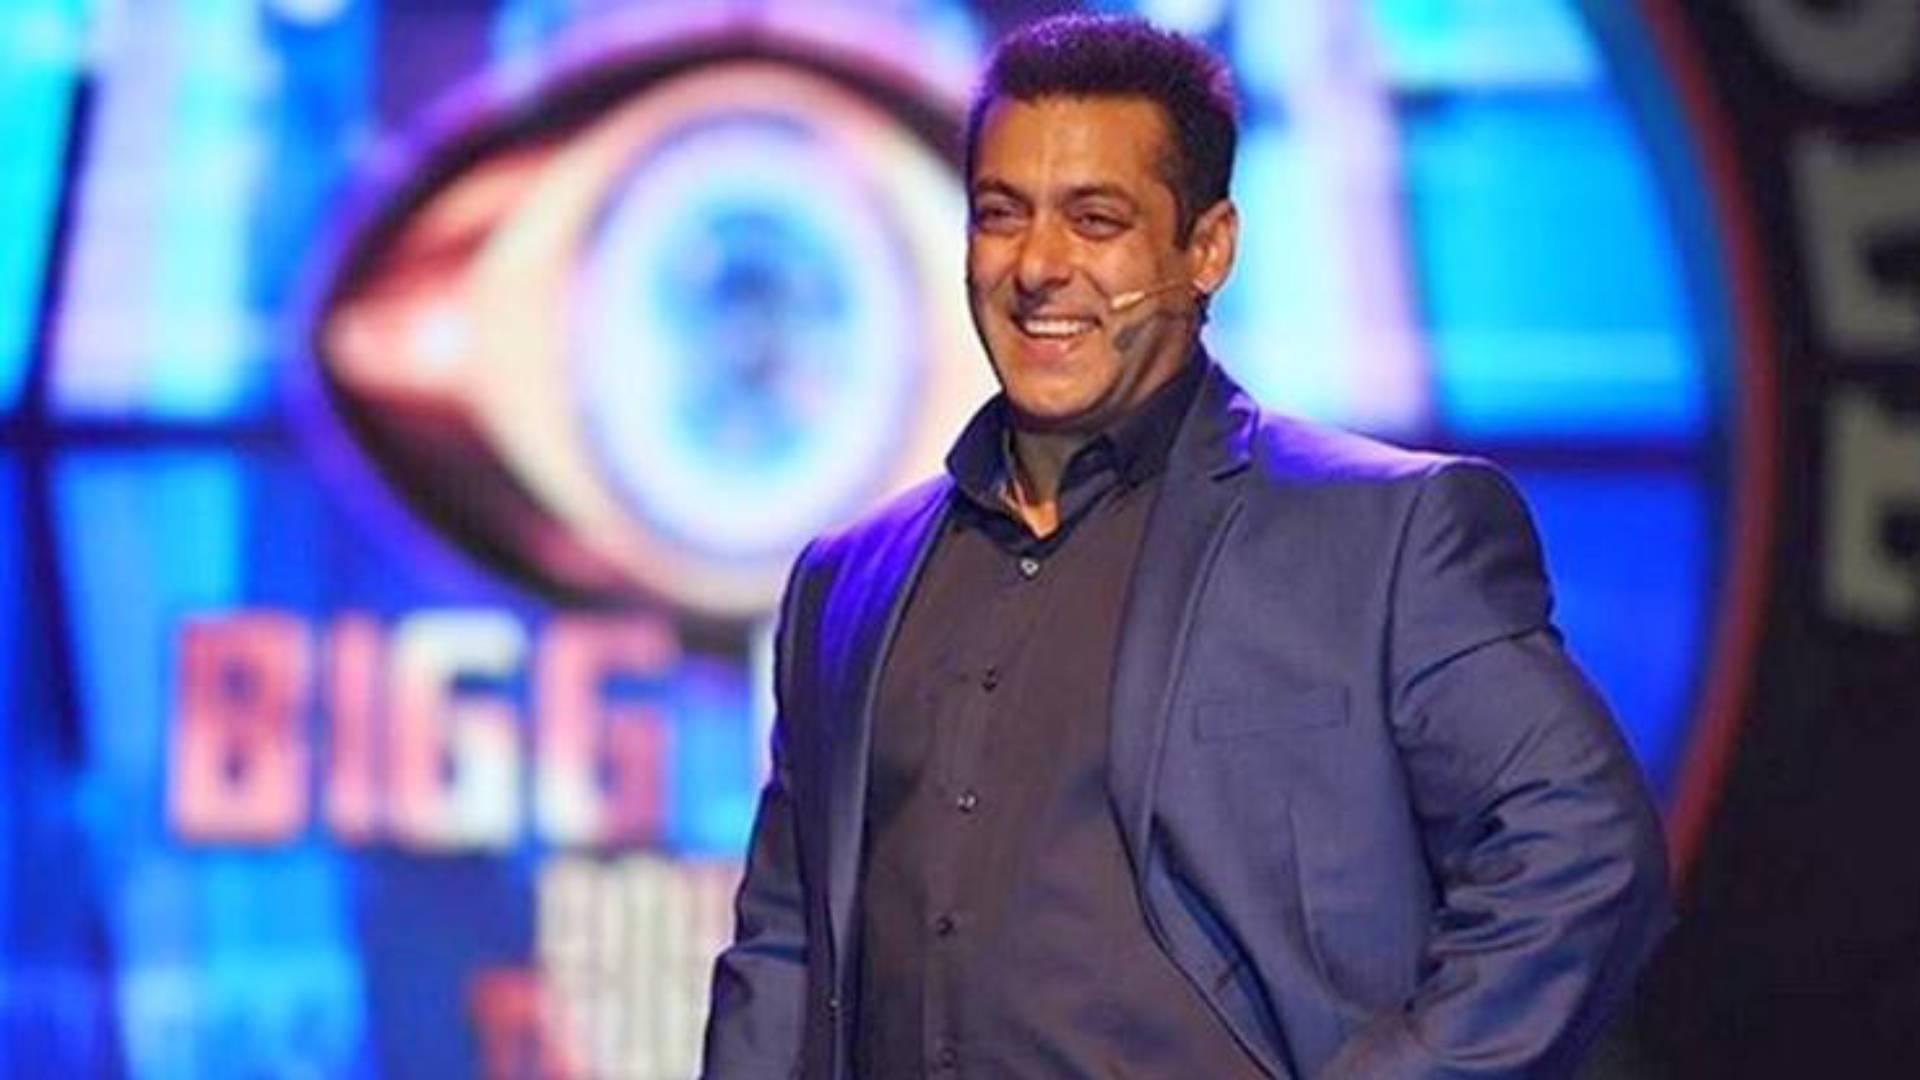 Bigg Boss 13: फराह खान नहीं, बल्कि सलमान खान करेंगे बाकी बिग बॉस 13 शो को होस्ट, मेकर्स ने चुकाई ये मोटी रकम